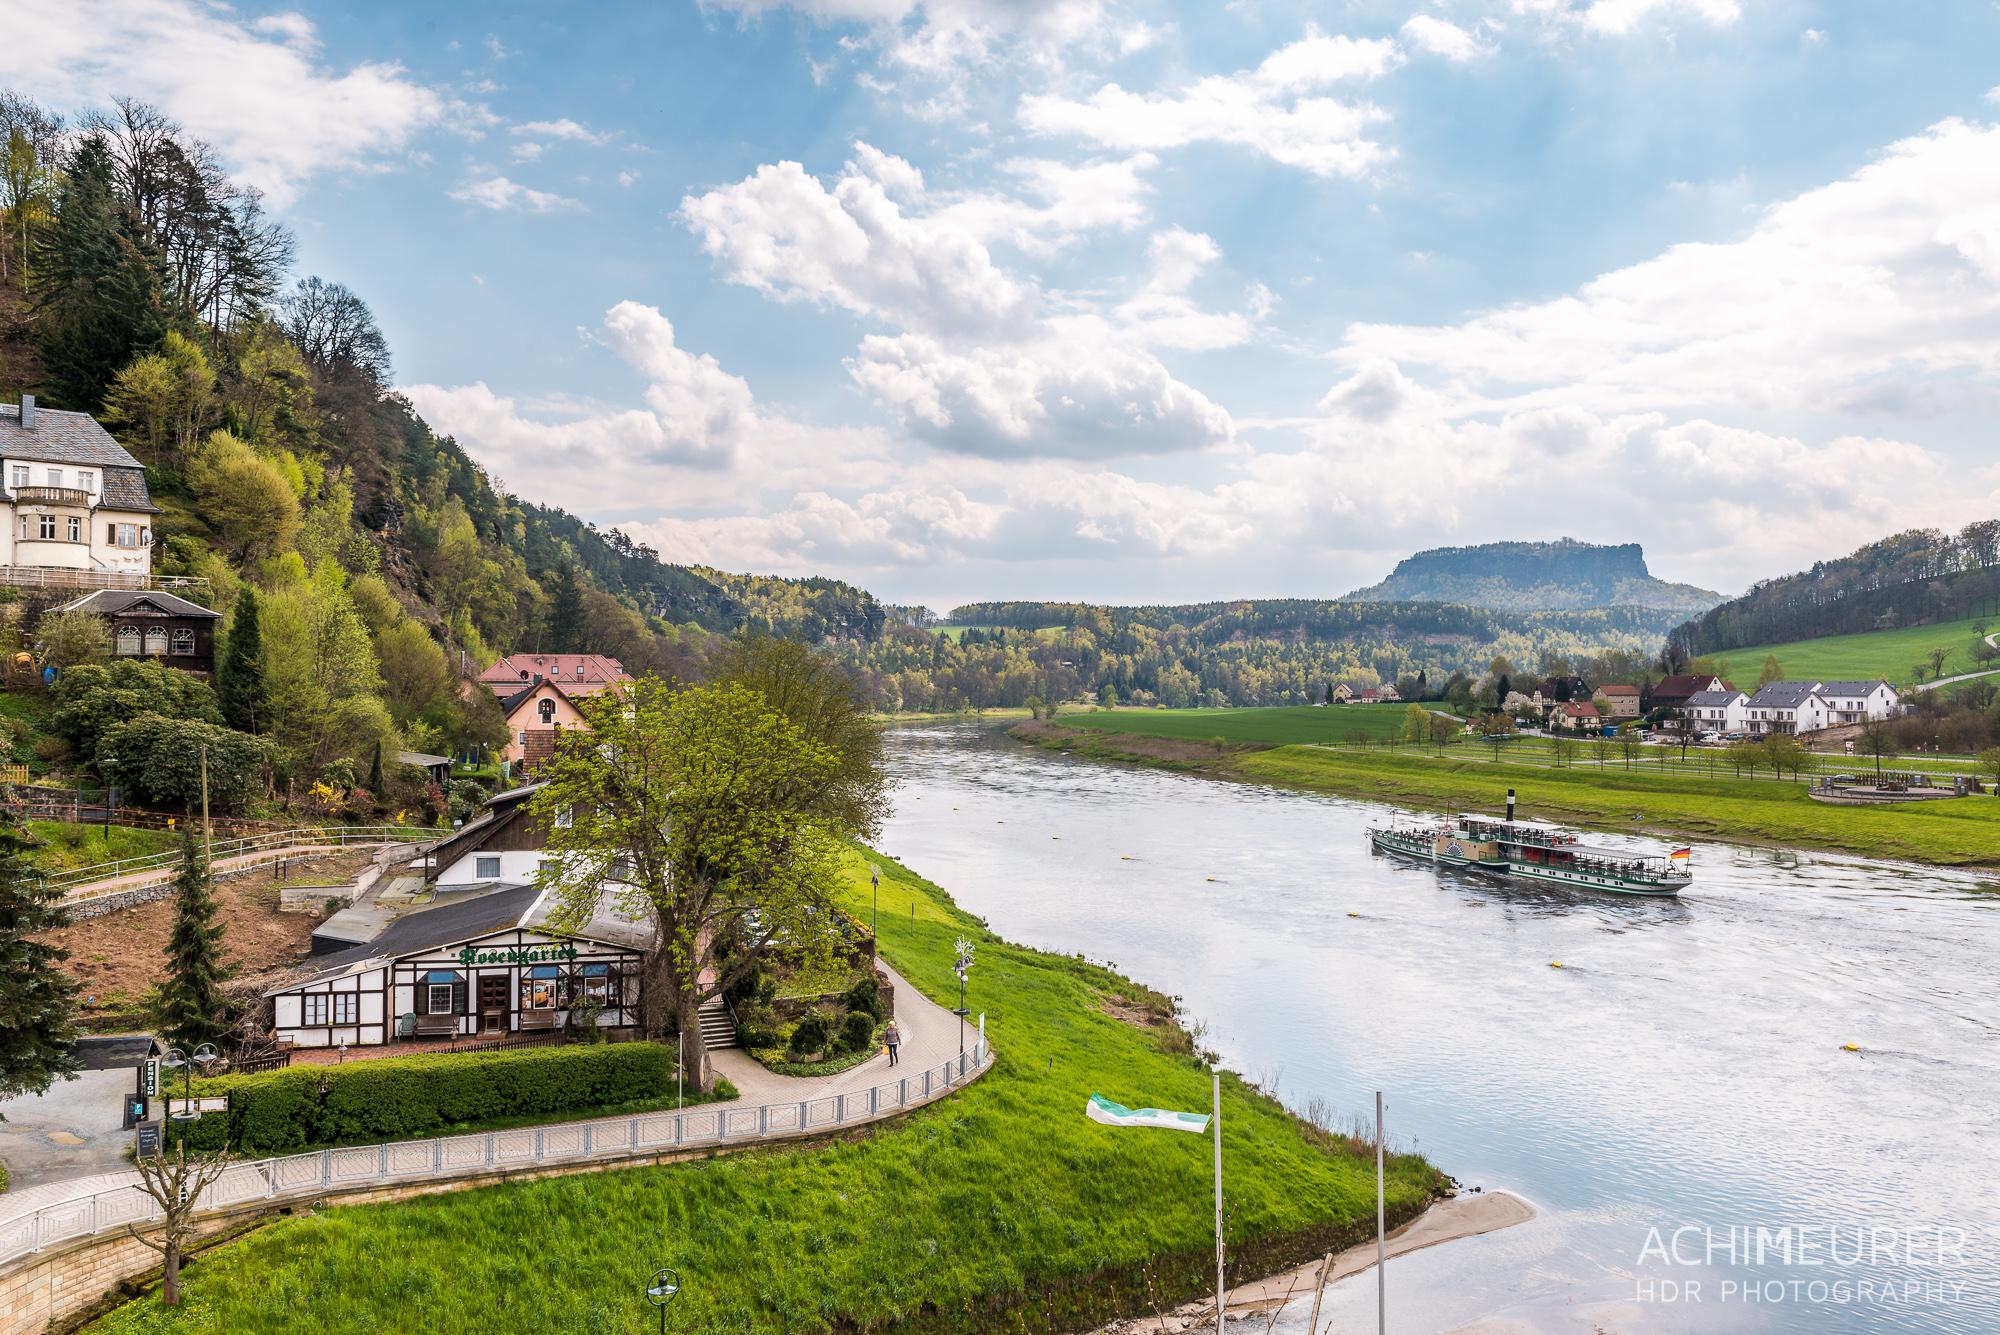 Rathen-Saechsische-Schweiz-Landschaft_8176